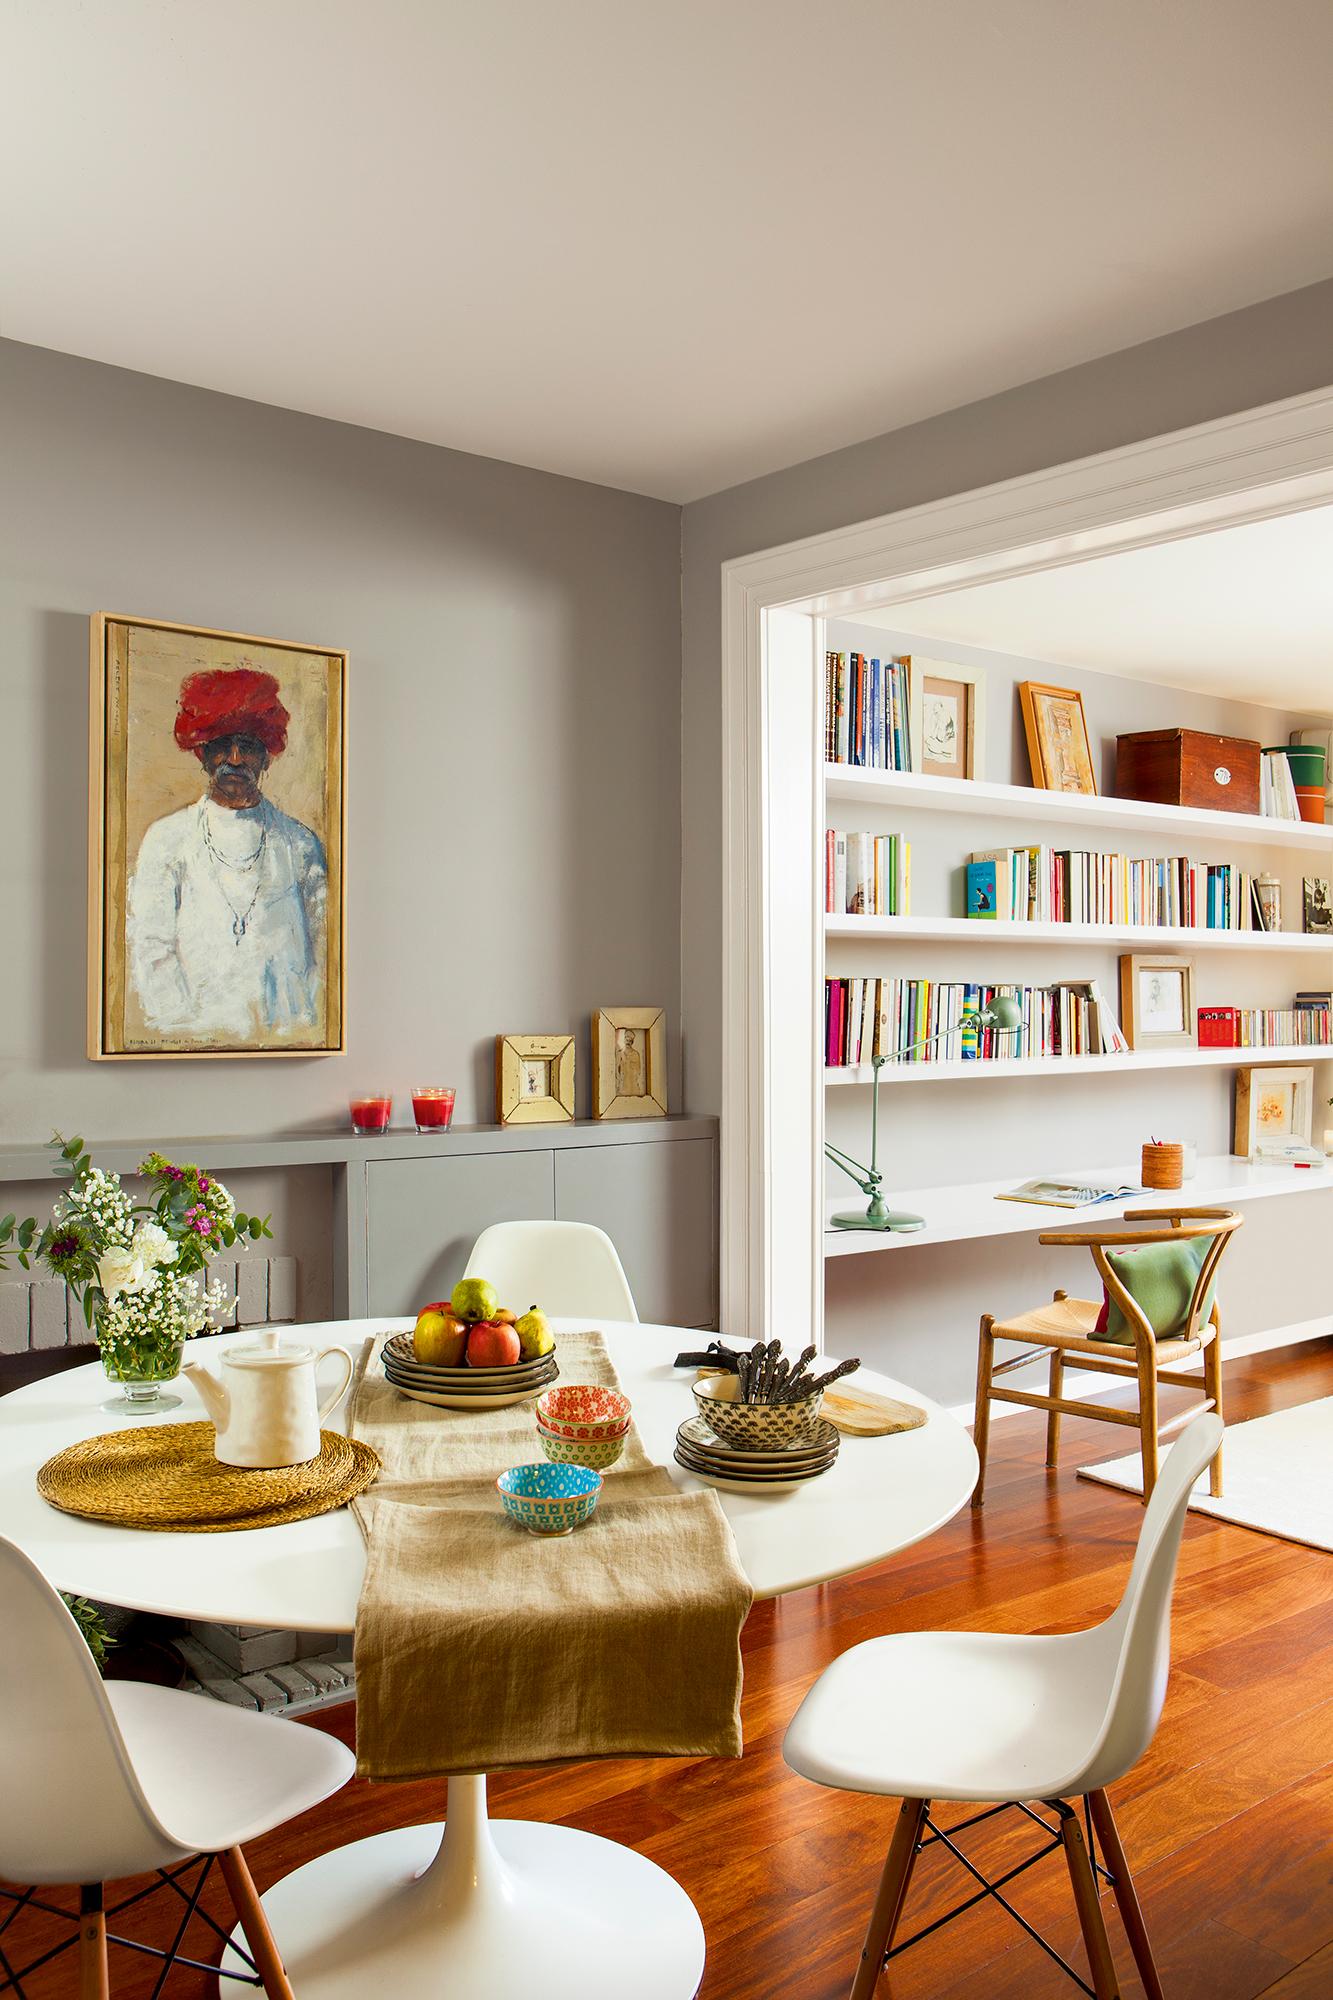 12 piezas vintage siempre de moda - Salon comedor con mesa redonda ...